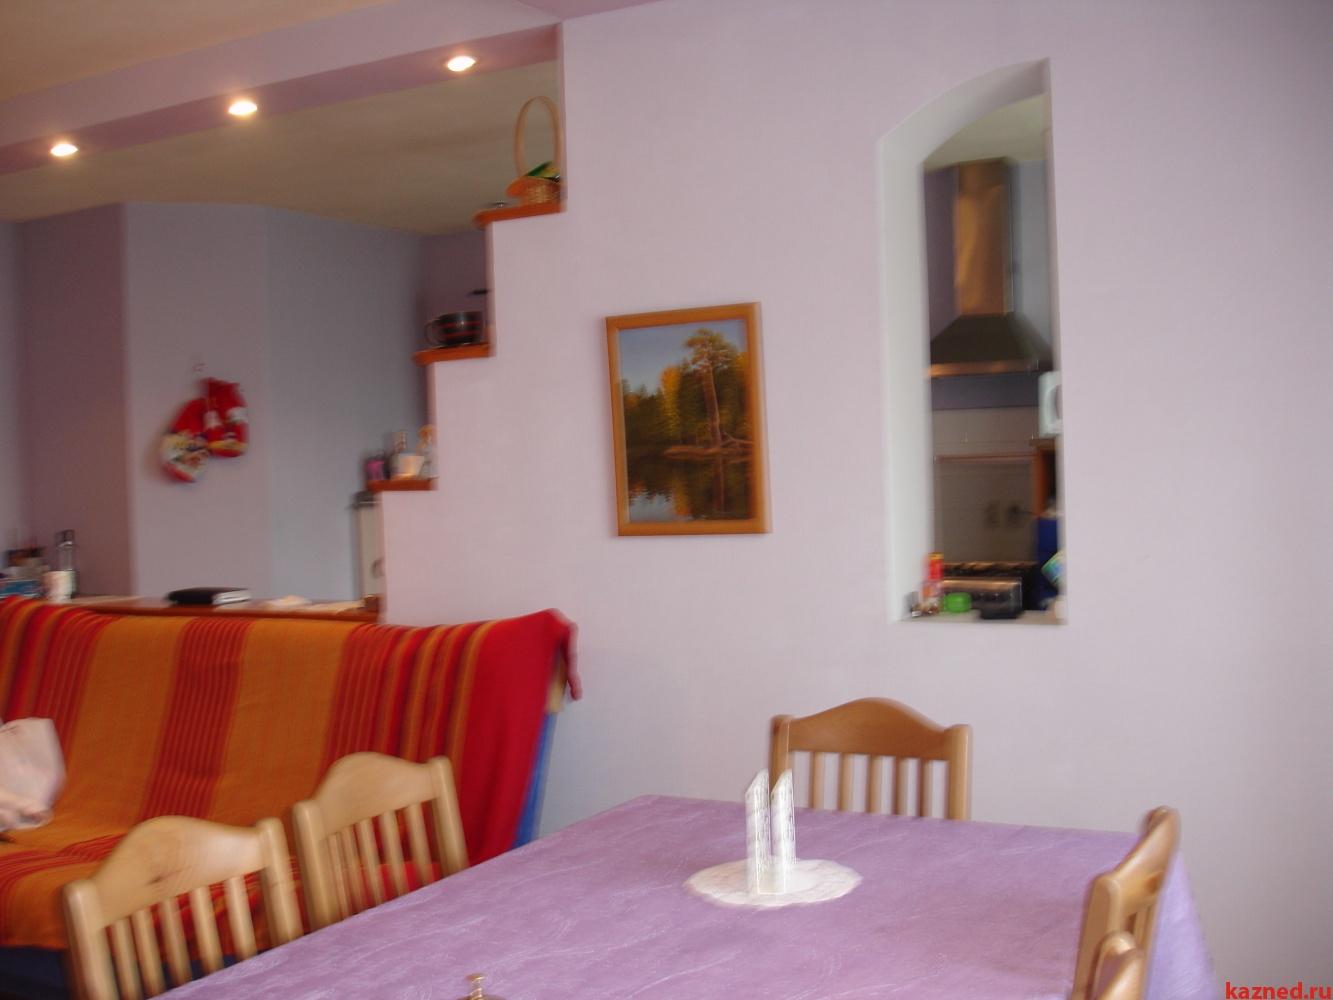 Продажа 4-к квартиры Камала,53, 144 м2  (миниатюра №5)